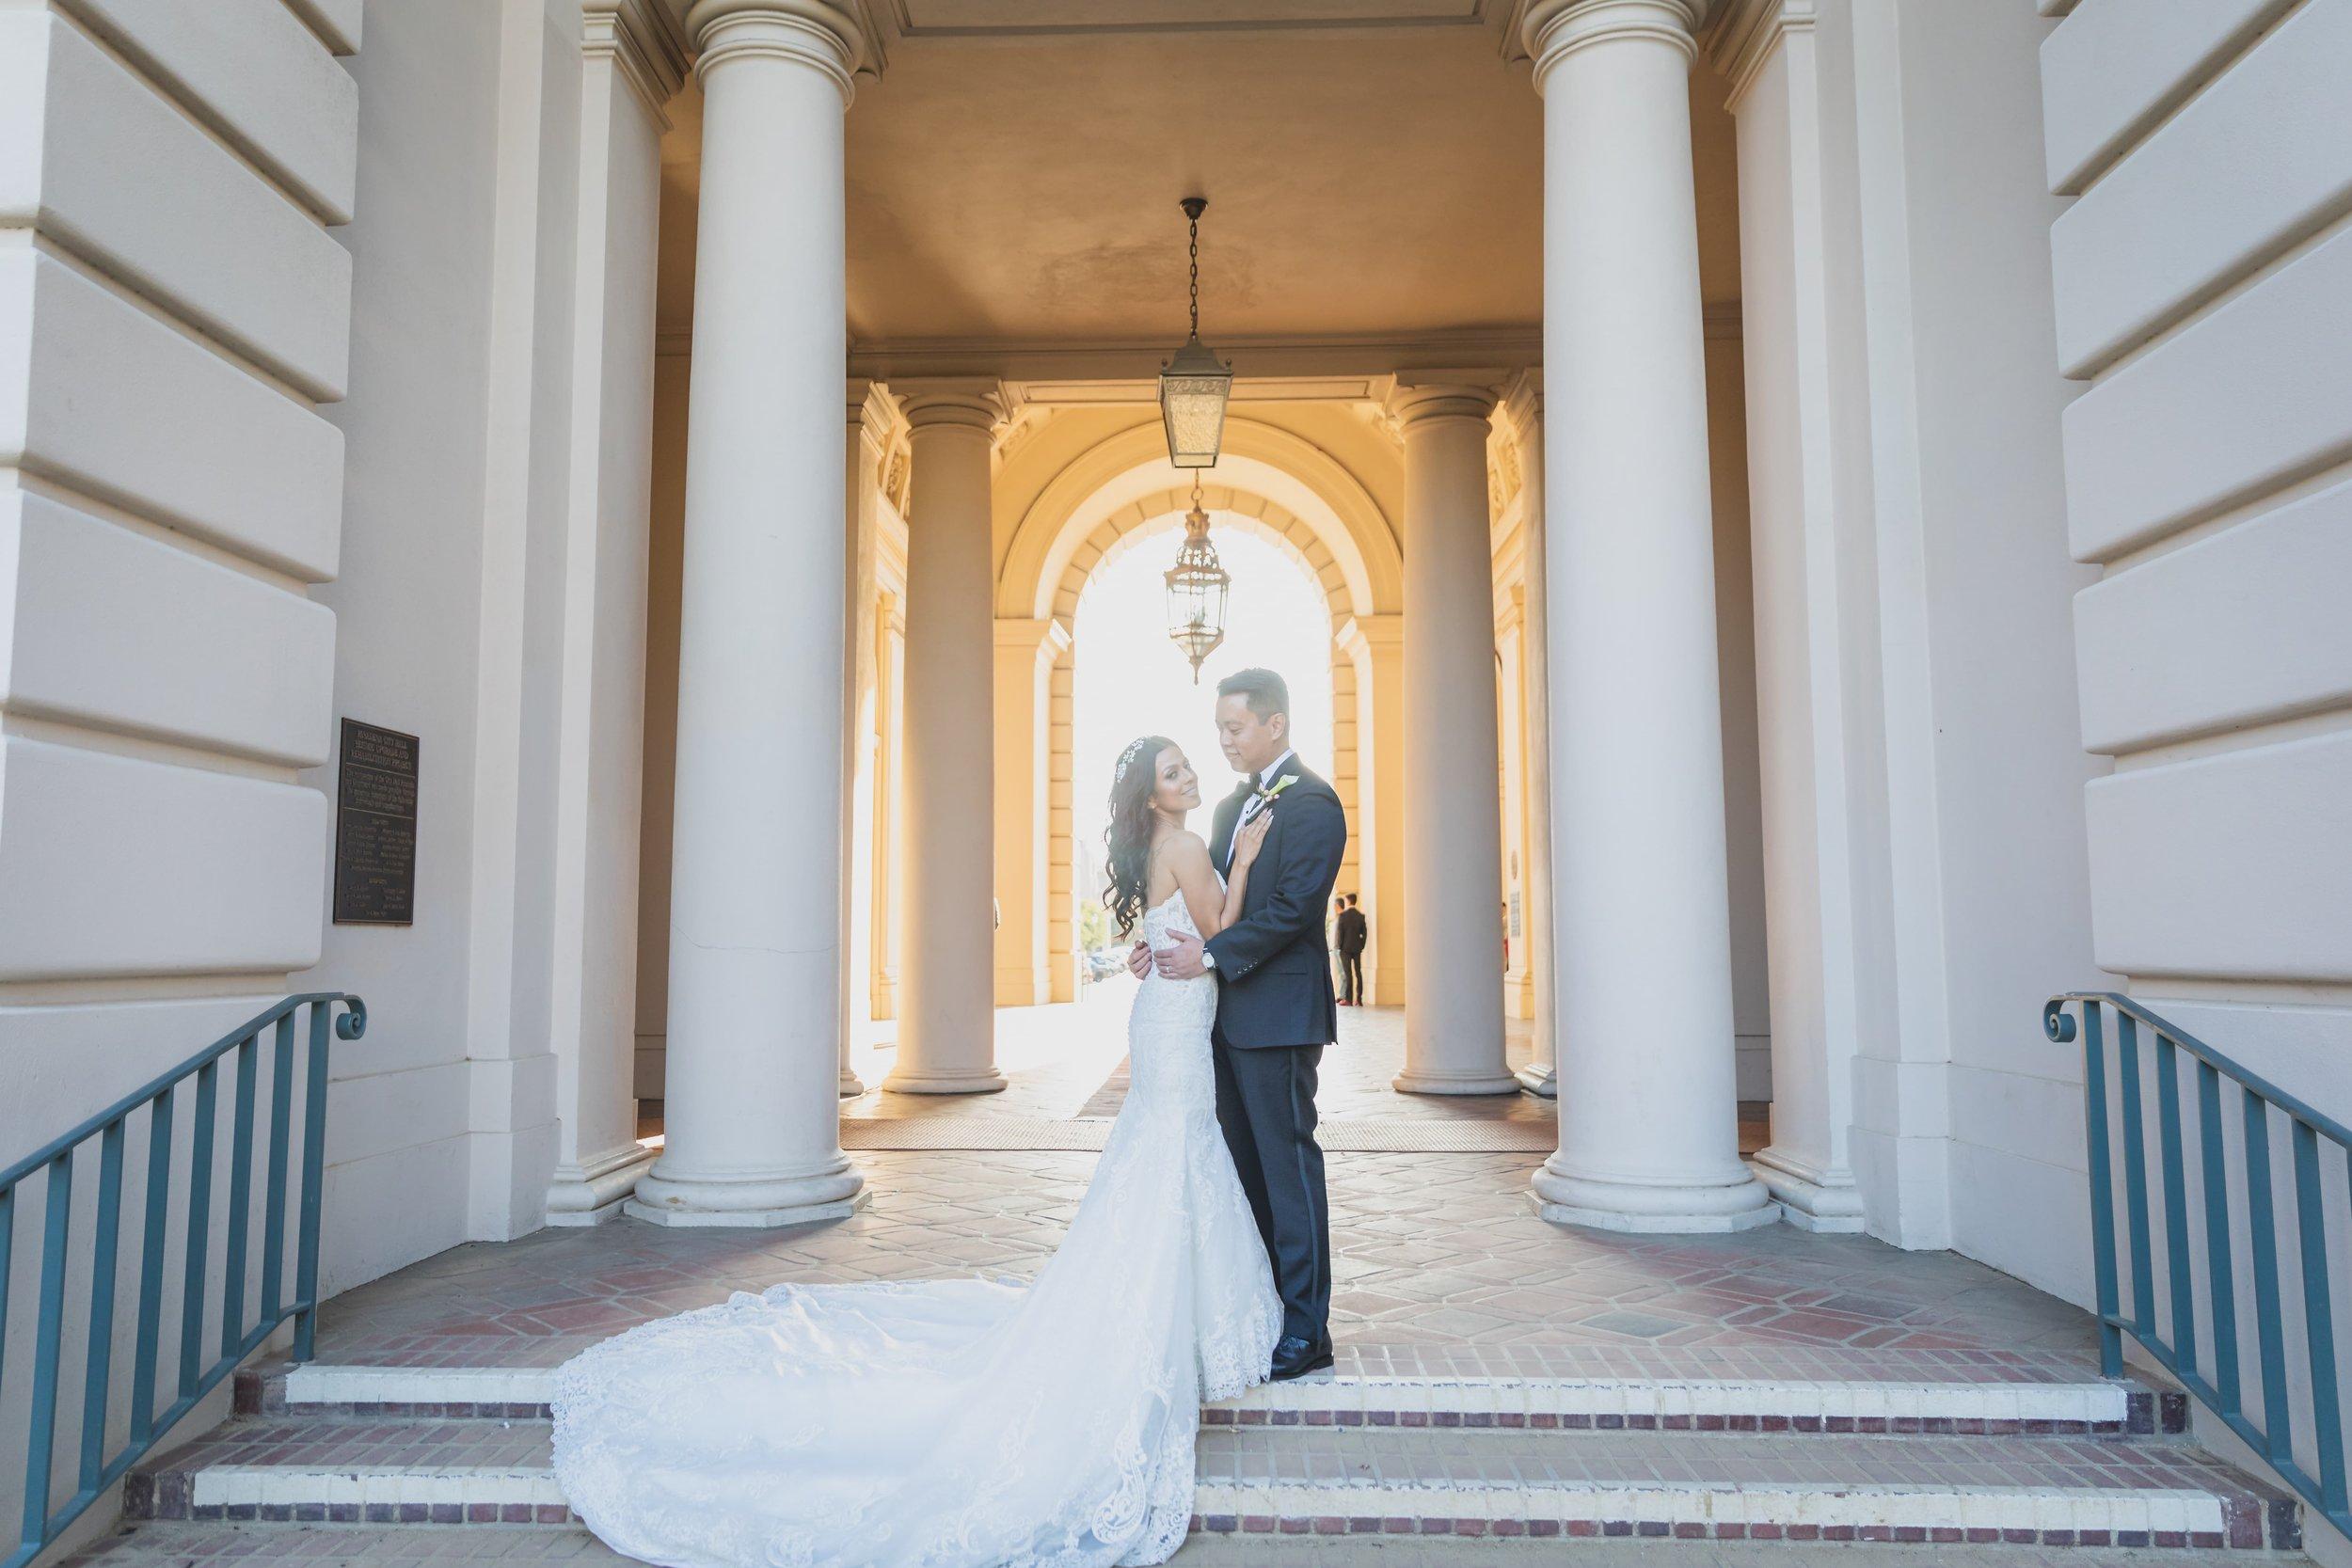 Wedding Photography - Something Old, Something New, Something Borrowed, Something Blue - Bride and groom post-ceremony photoshoot